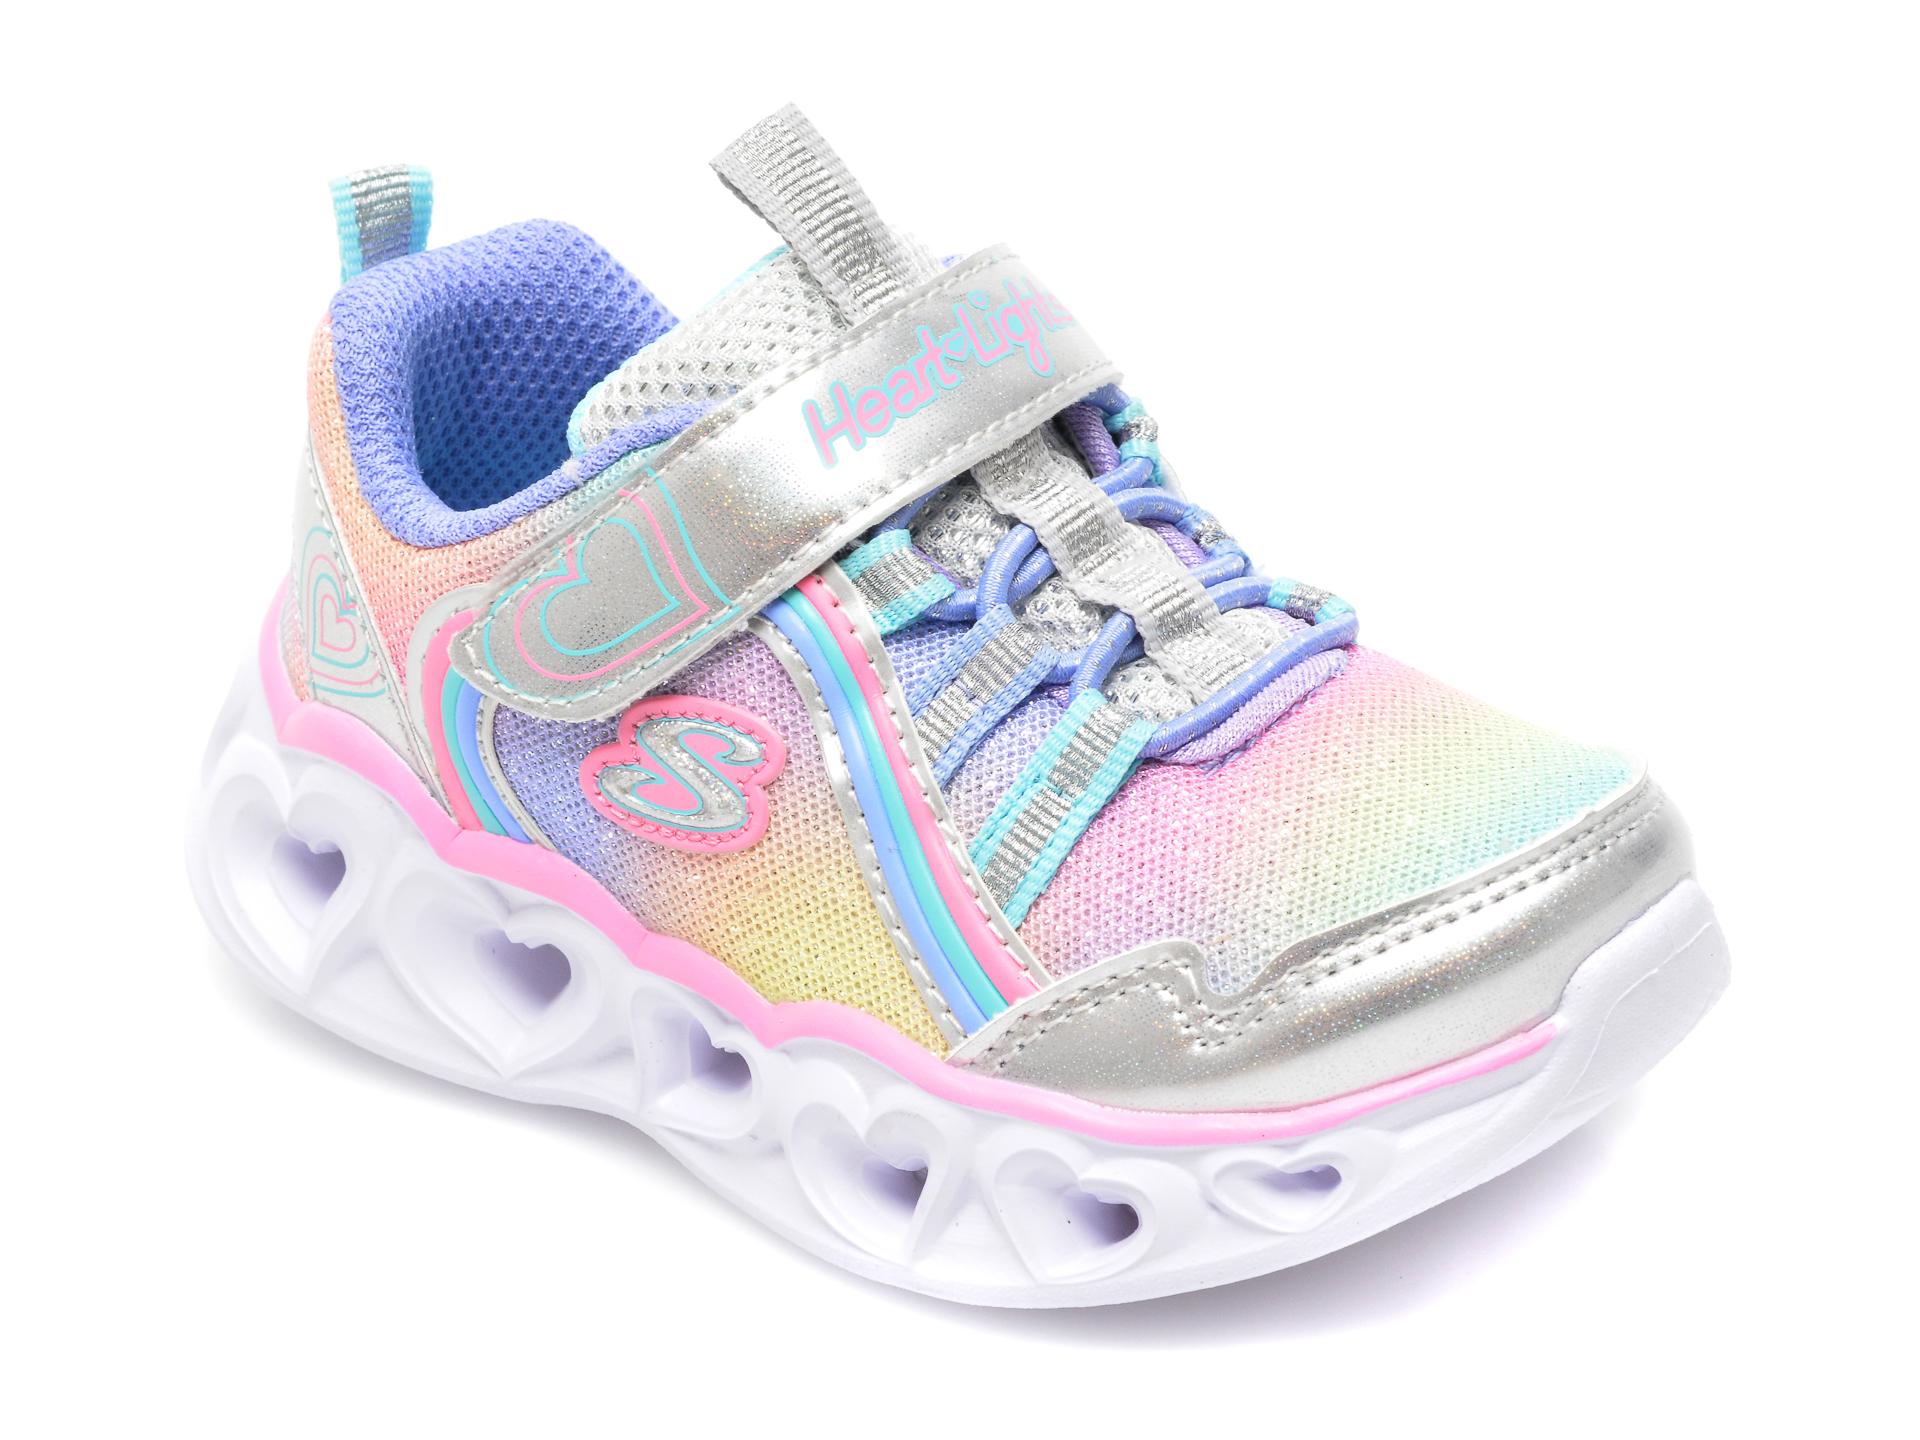 Pantofi SKECHERS multicolor, HEART LIGHTS, din piele ecologica